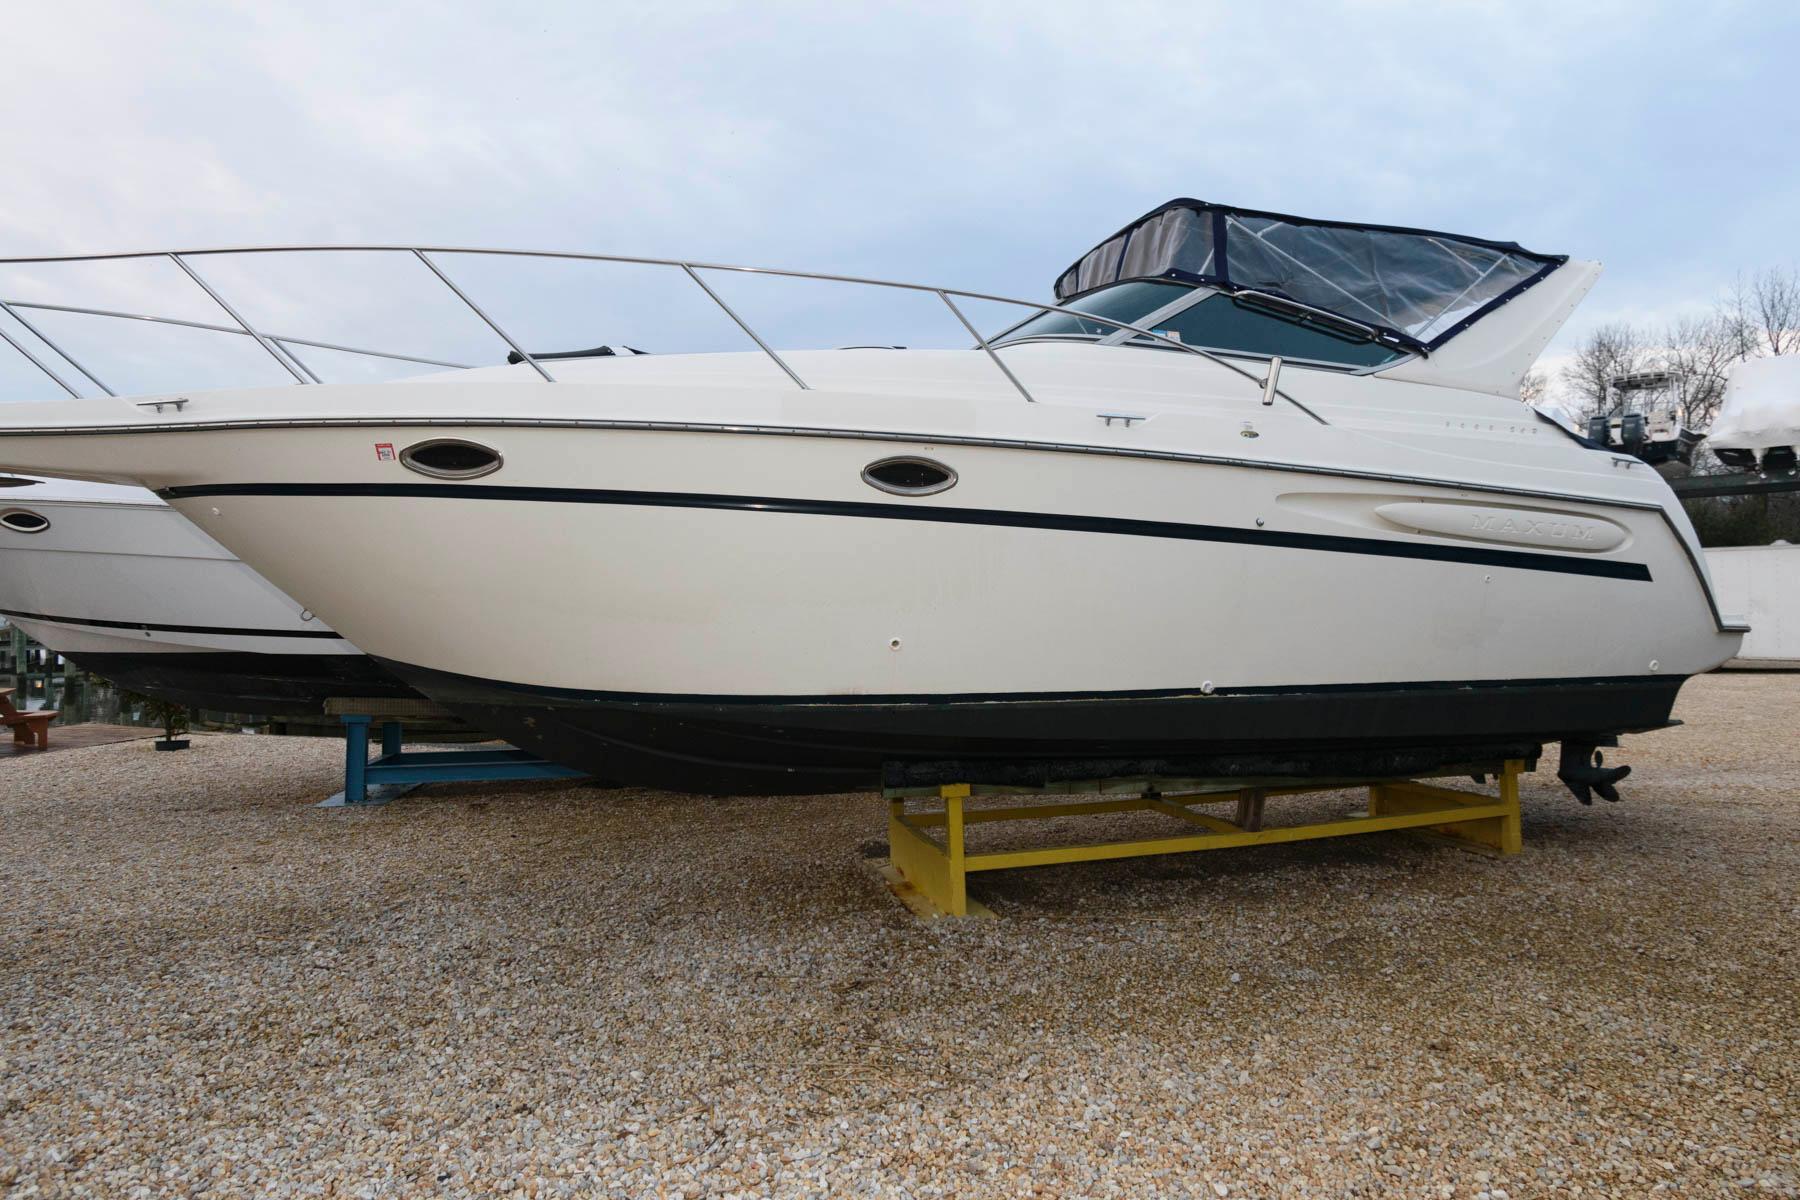 M 5965 WT Knot 10 Yacht Sales